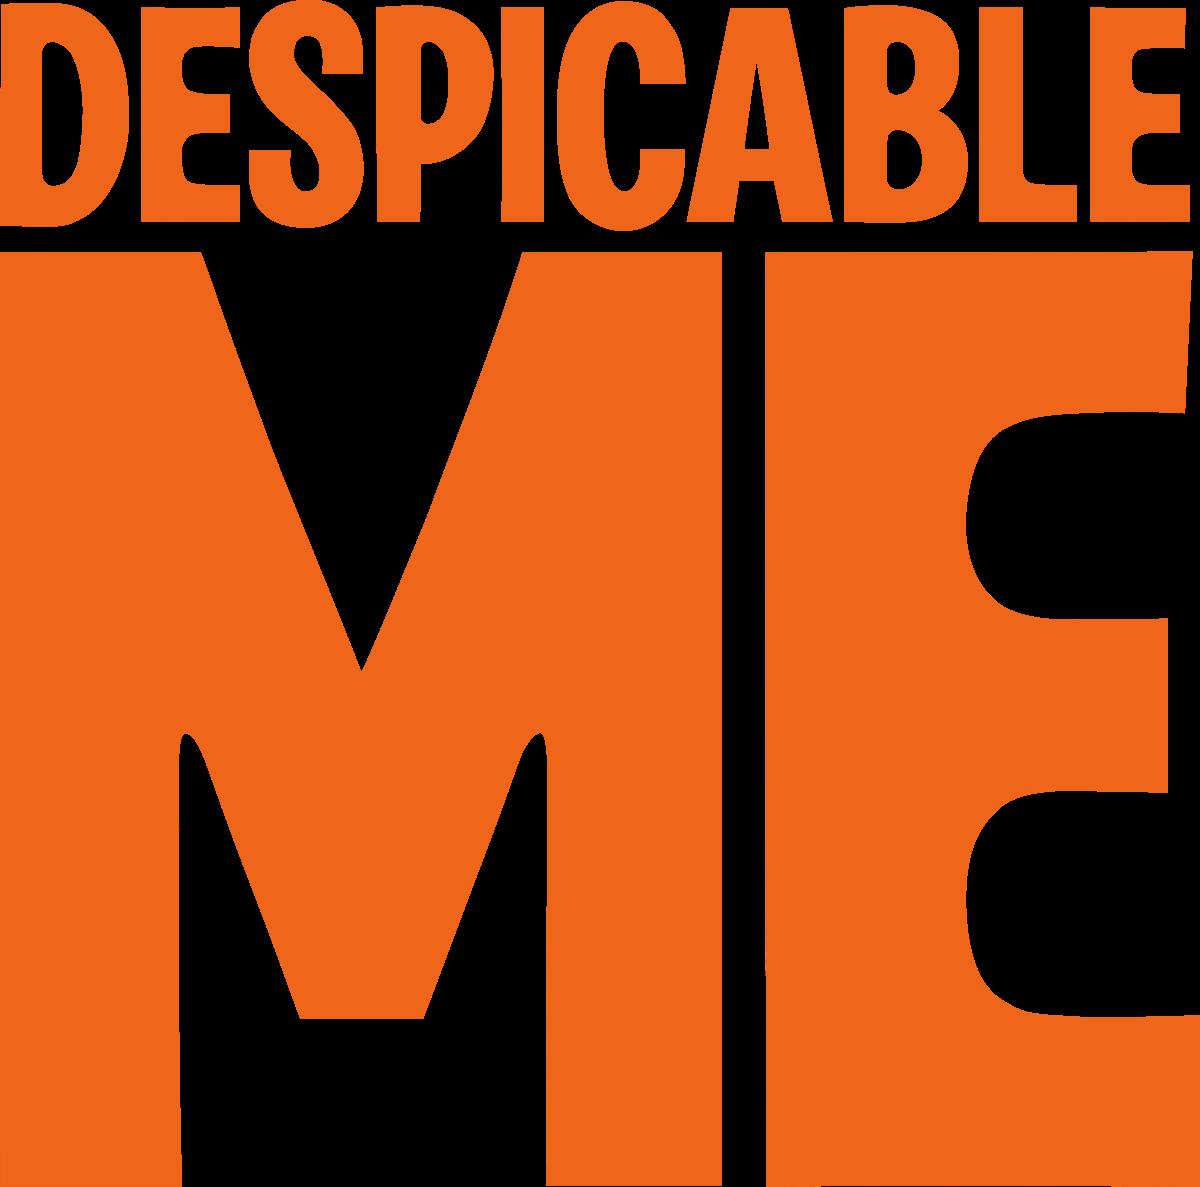 Despicable Me Logos